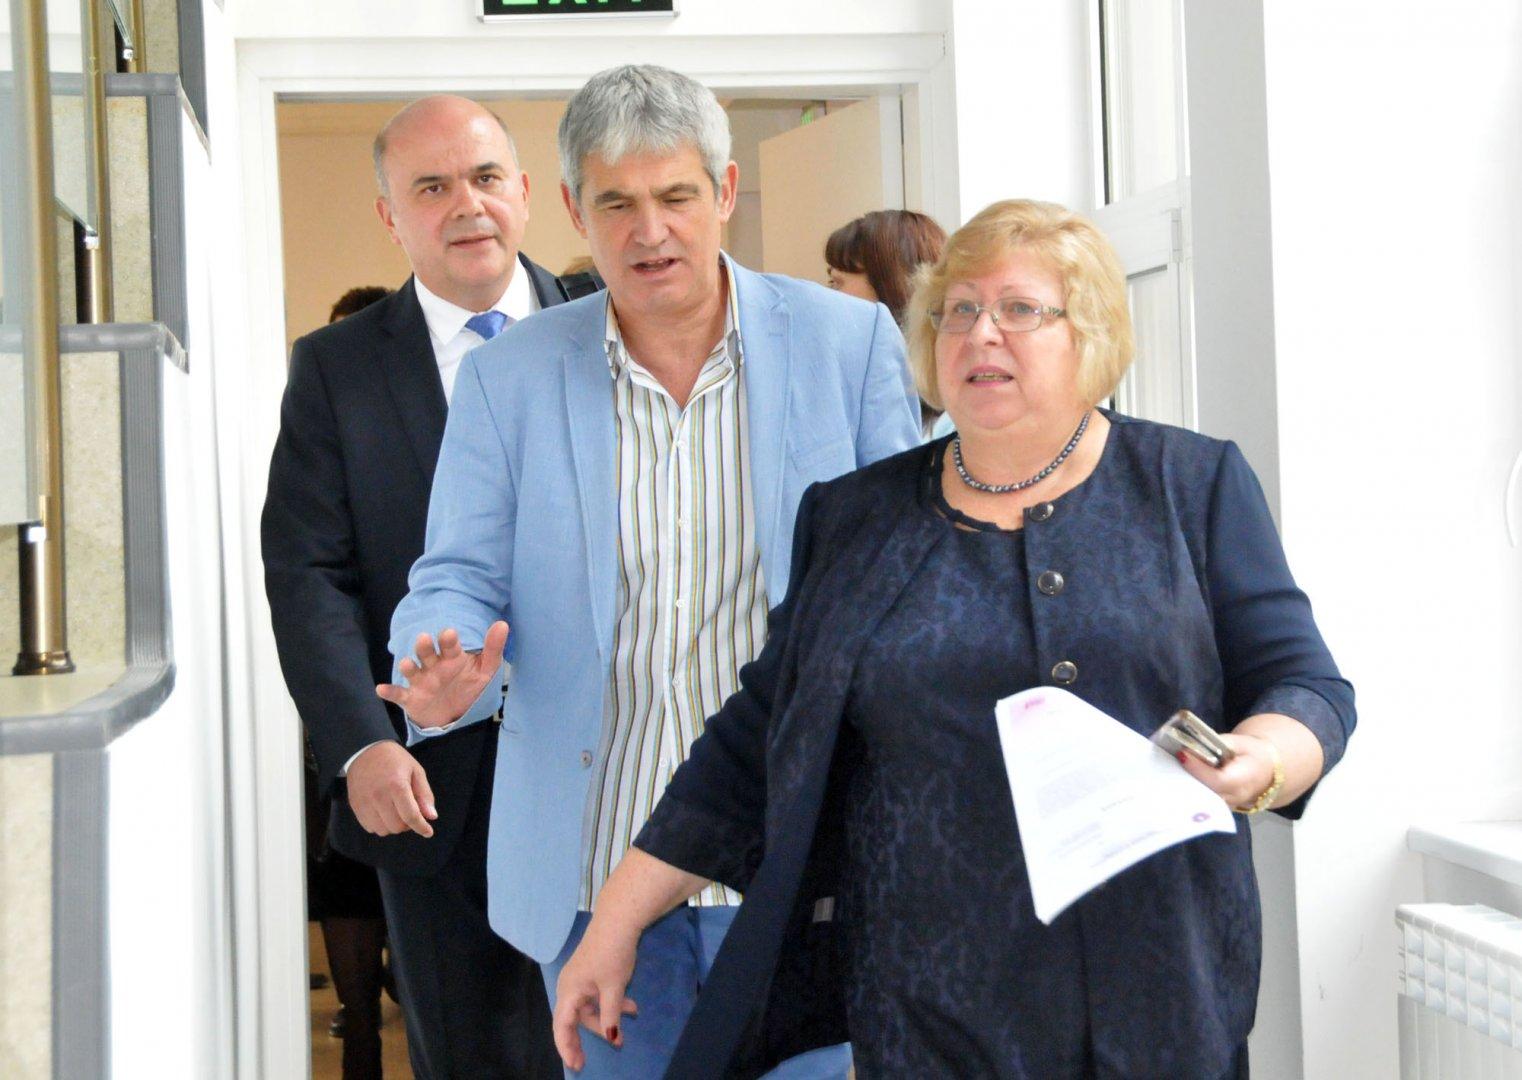 Ректорът на университета проф. Миткова посрещна президента на КНСБ Пламен Димитров (в средата) и социалния министър Бисер Петков. Снимки Лина Главинова